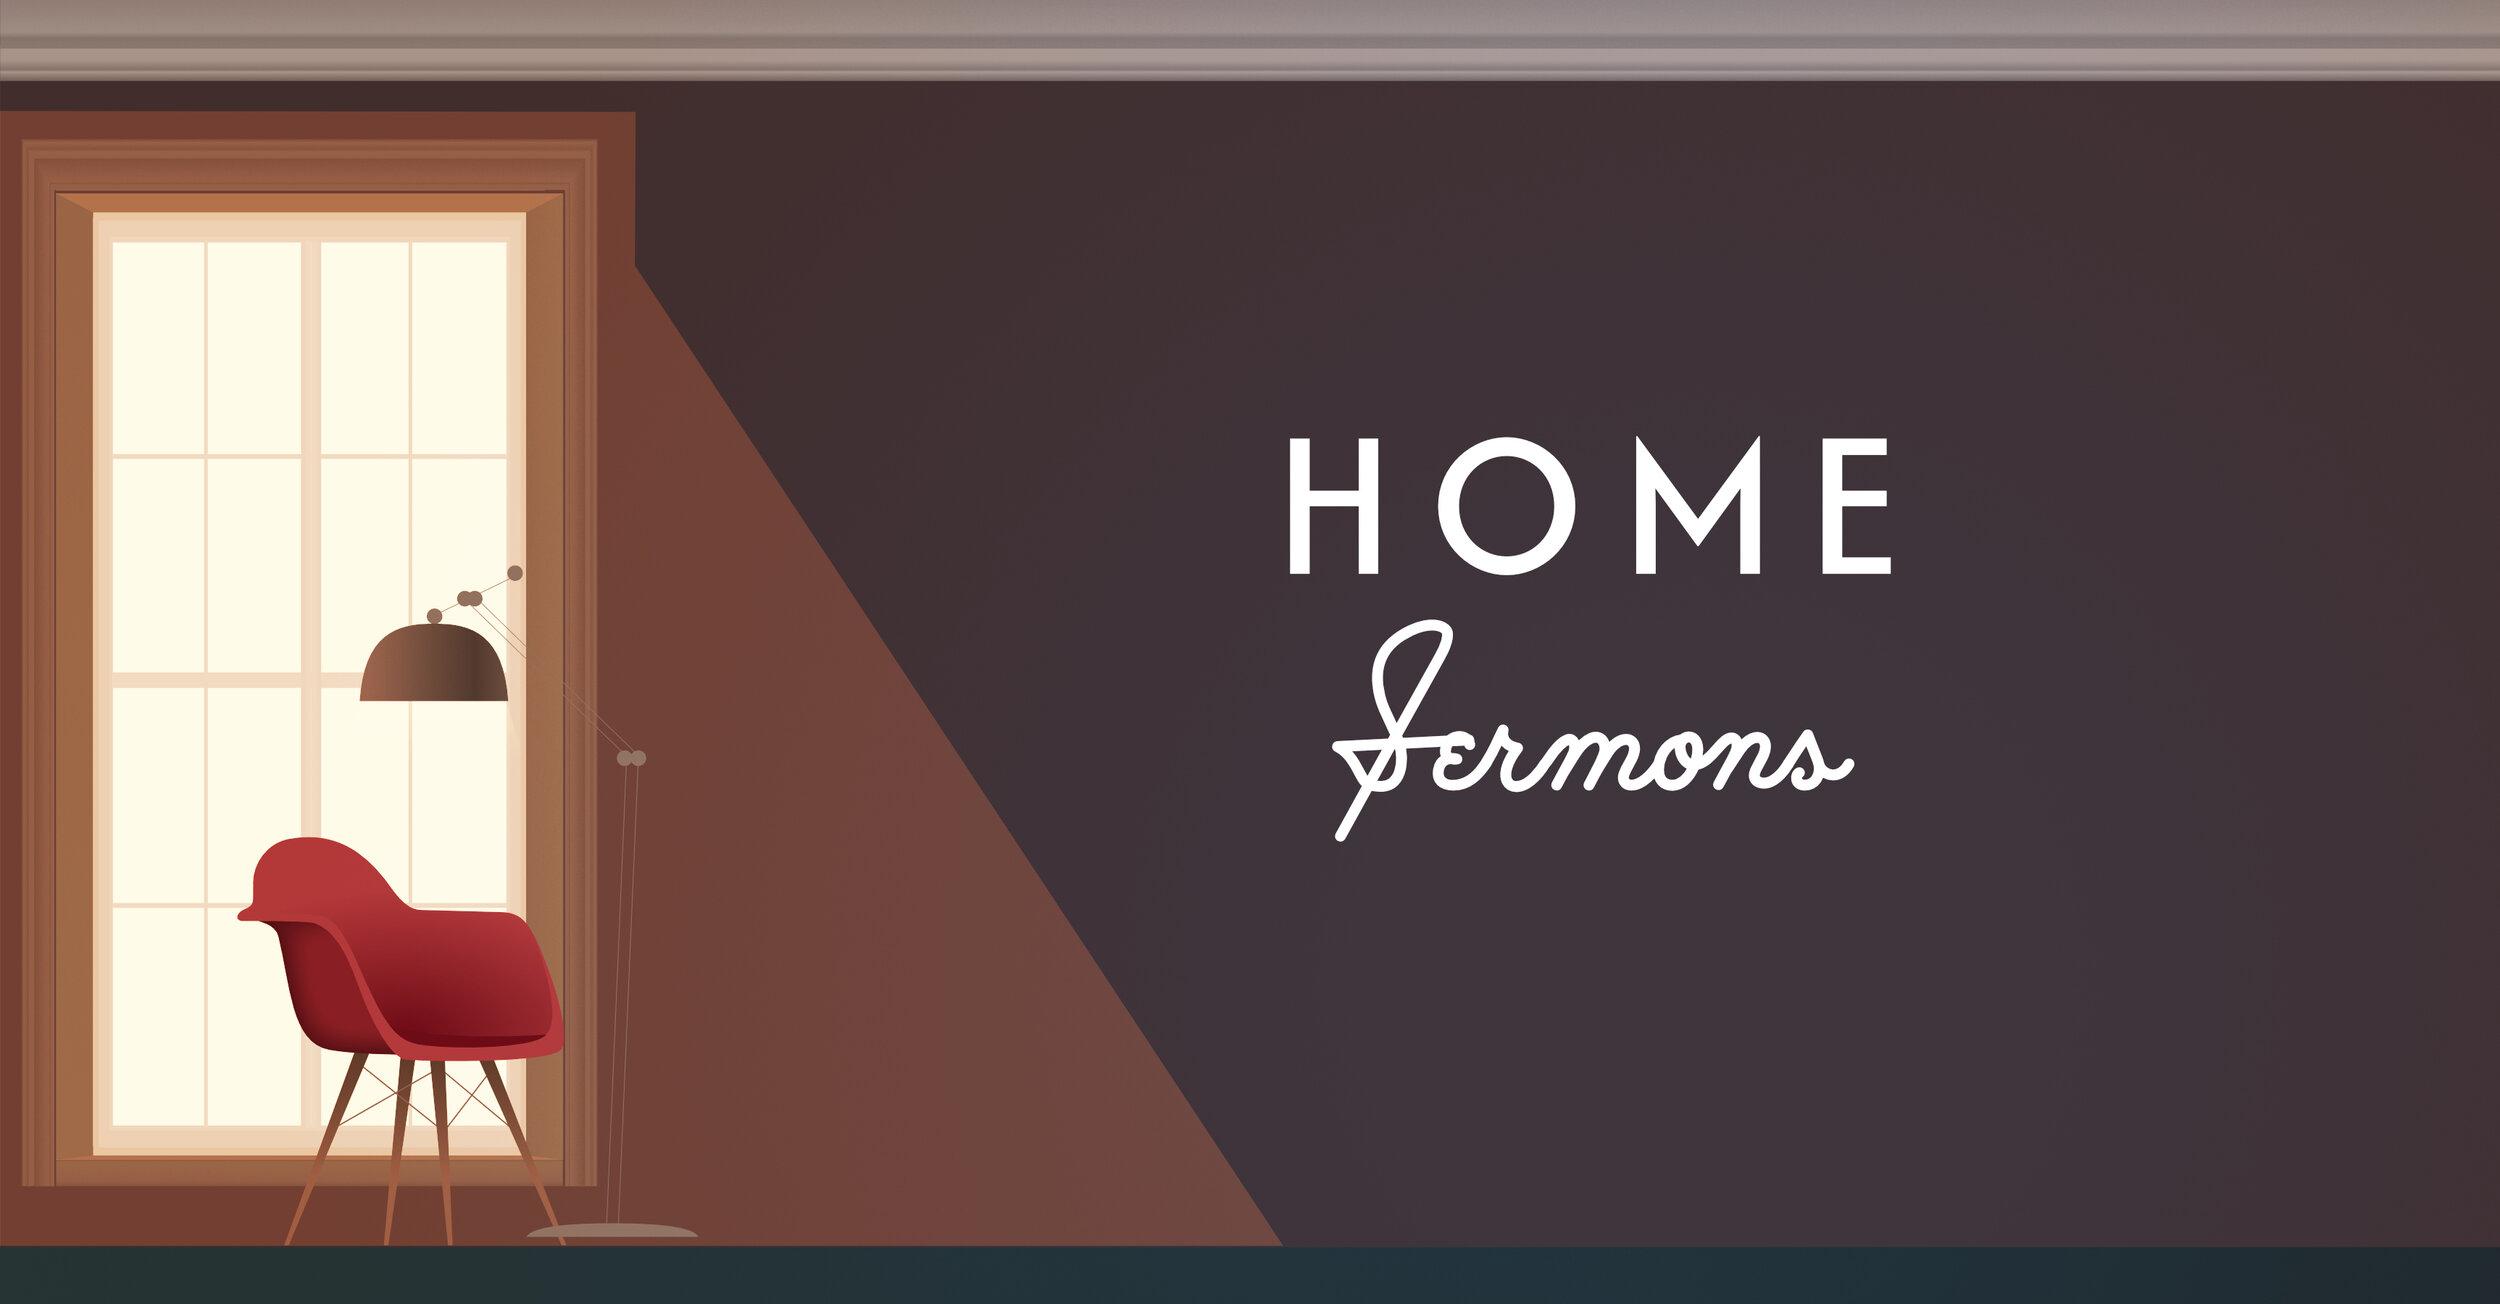 Home Sermons.jpg